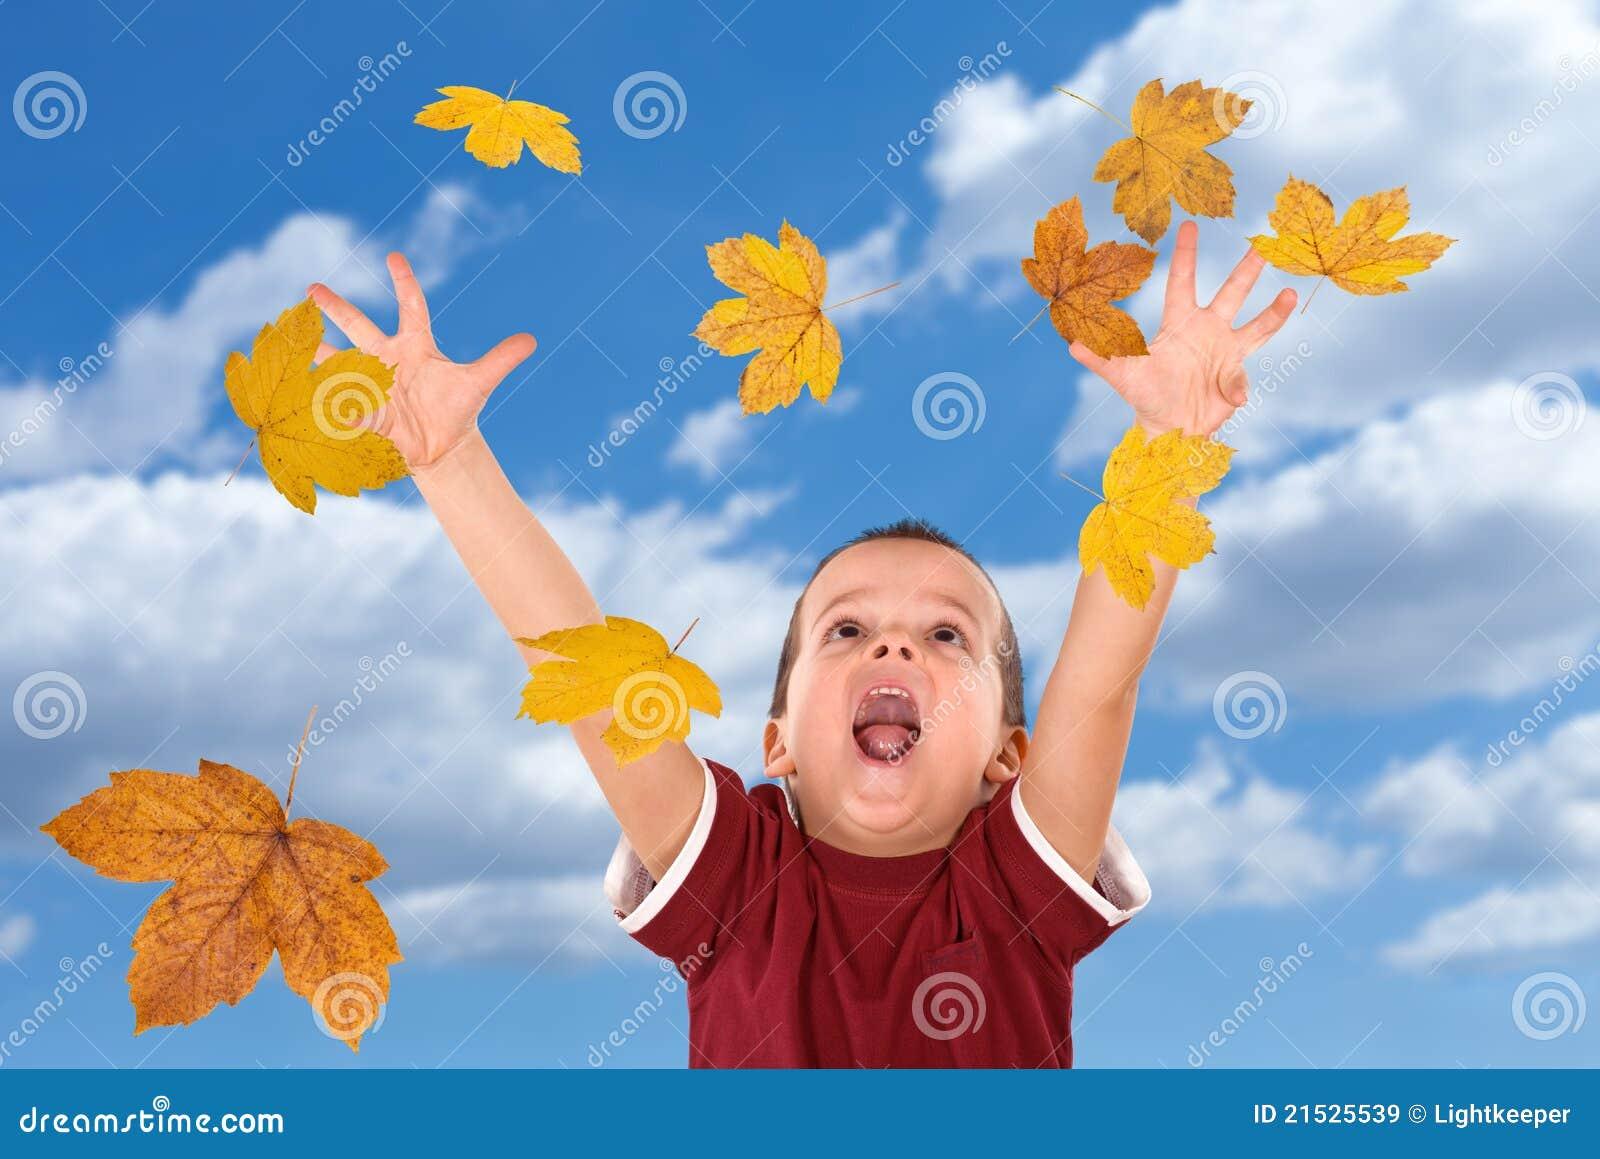 Ne för leaves för höstpojke fallande lyckligt